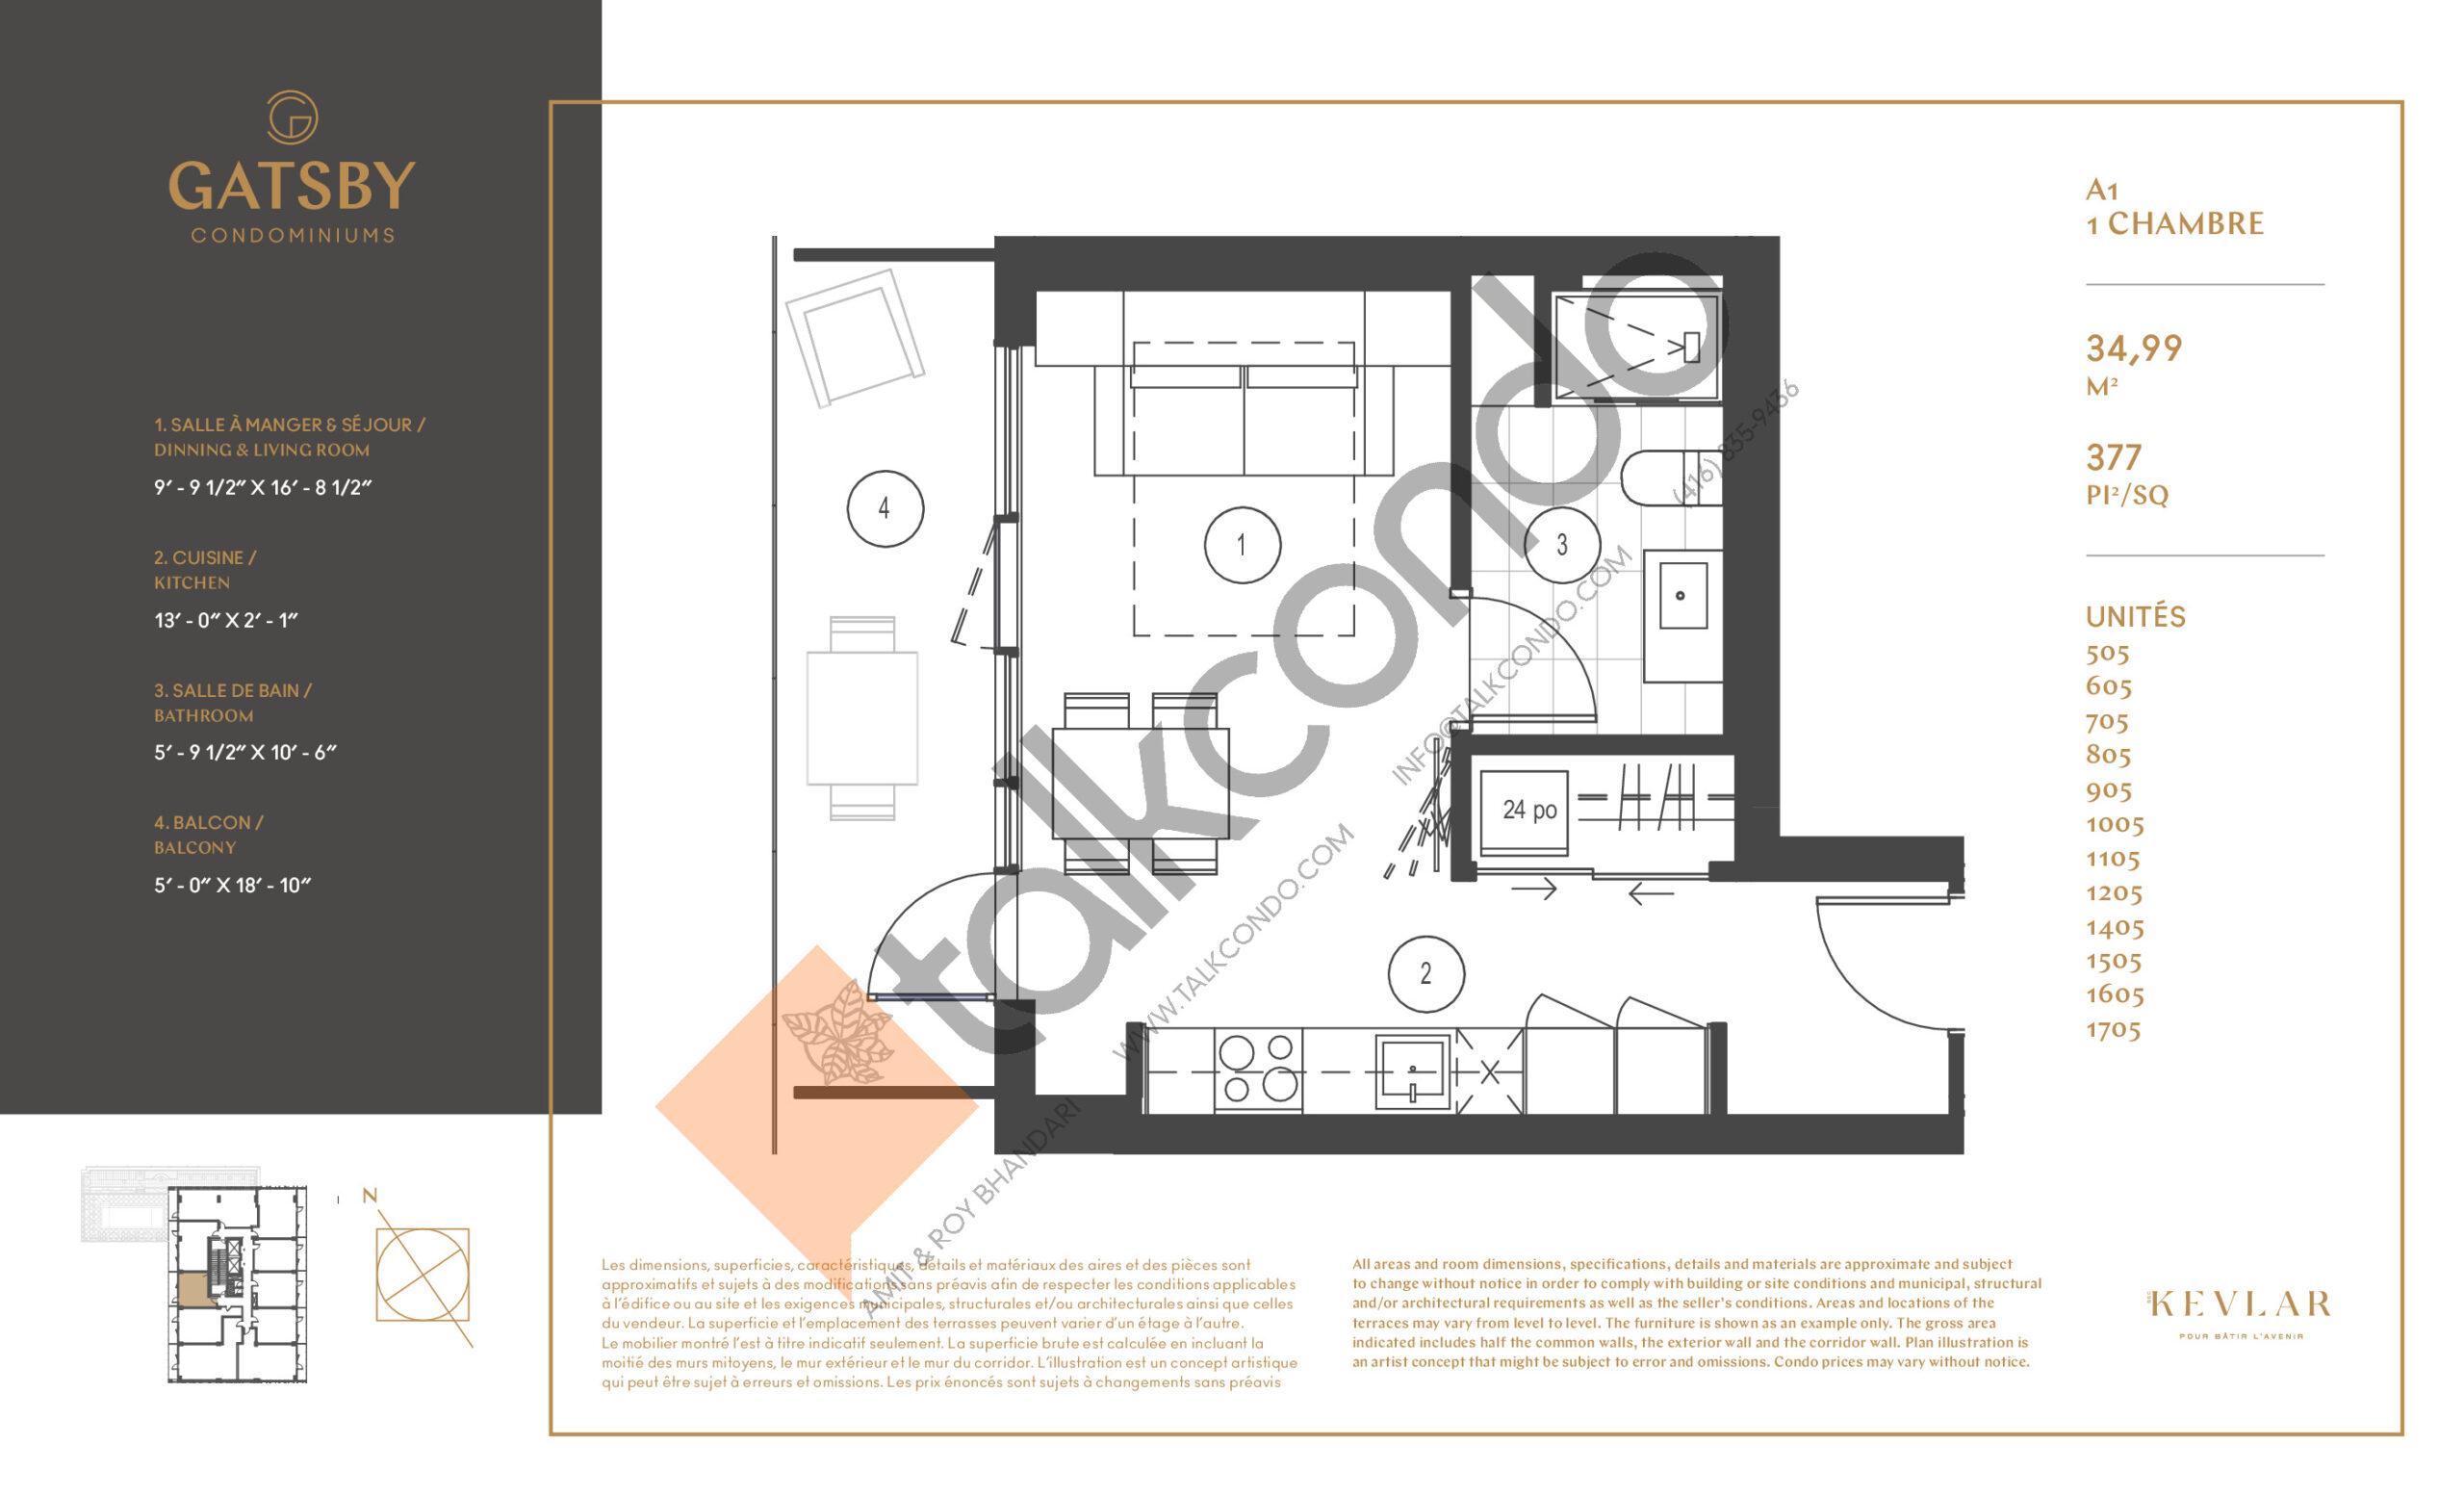 A1 Floor Plan at Gatsby Condos - 377 sq.ft